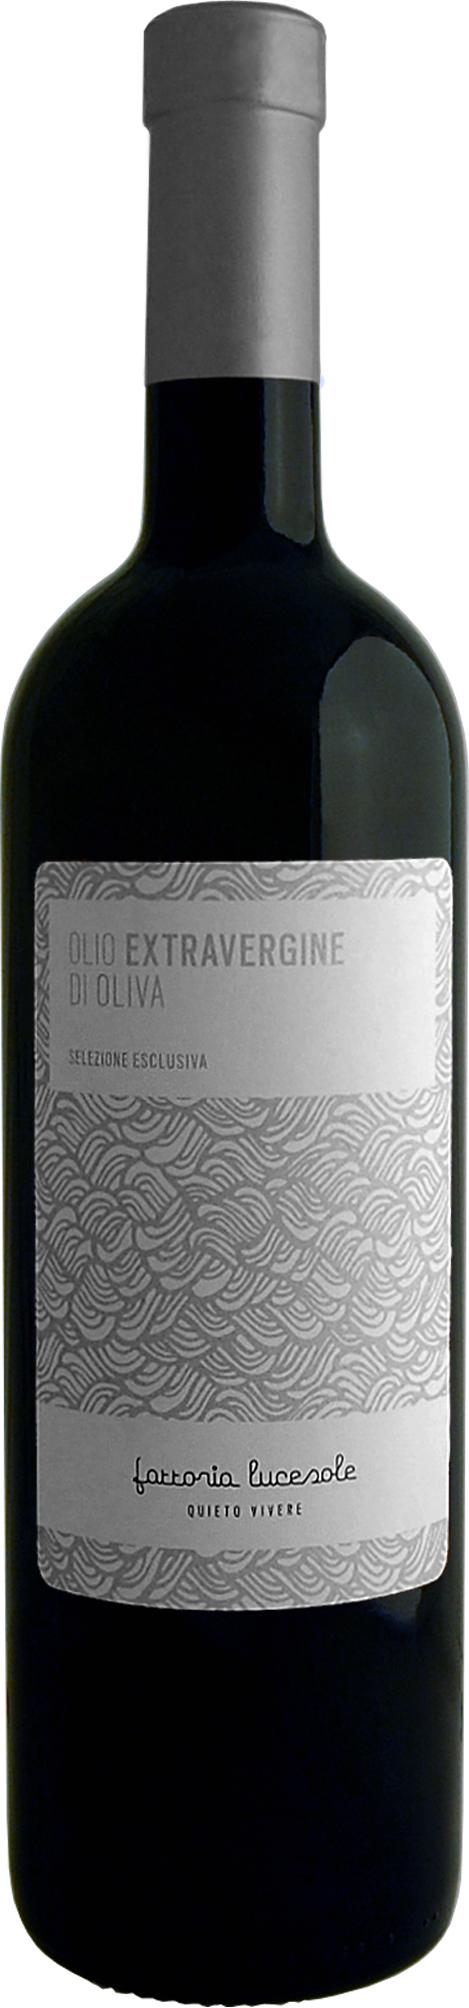 LUCESOLE olio extravergine di oliva